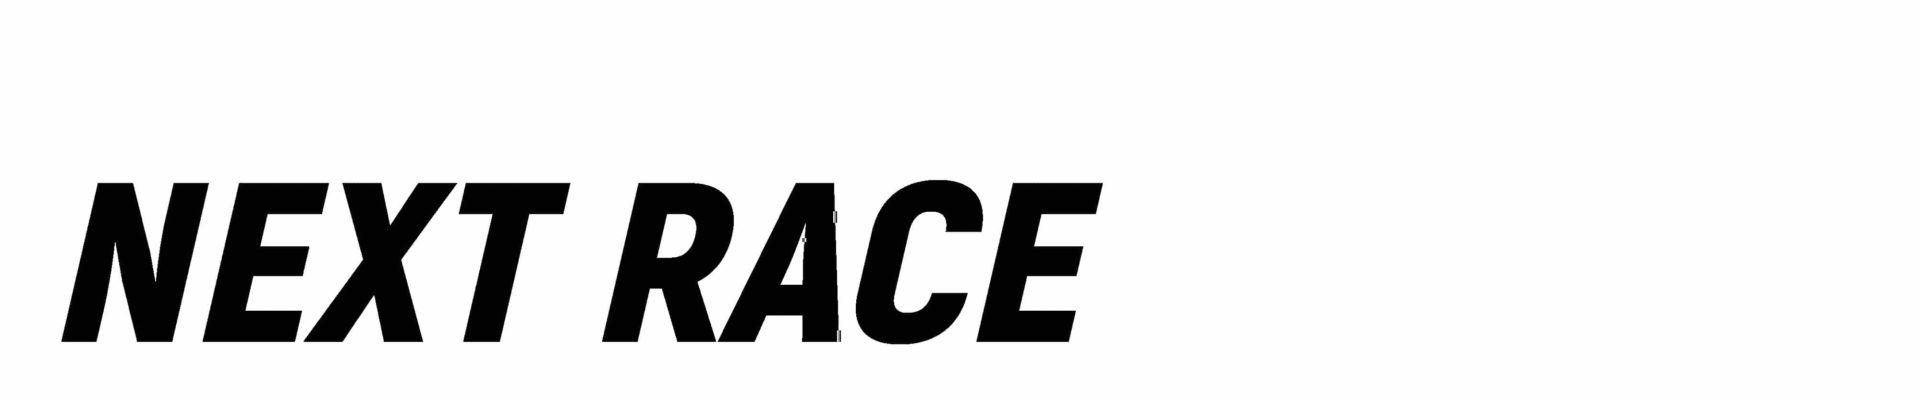 GB - NEXT RACE